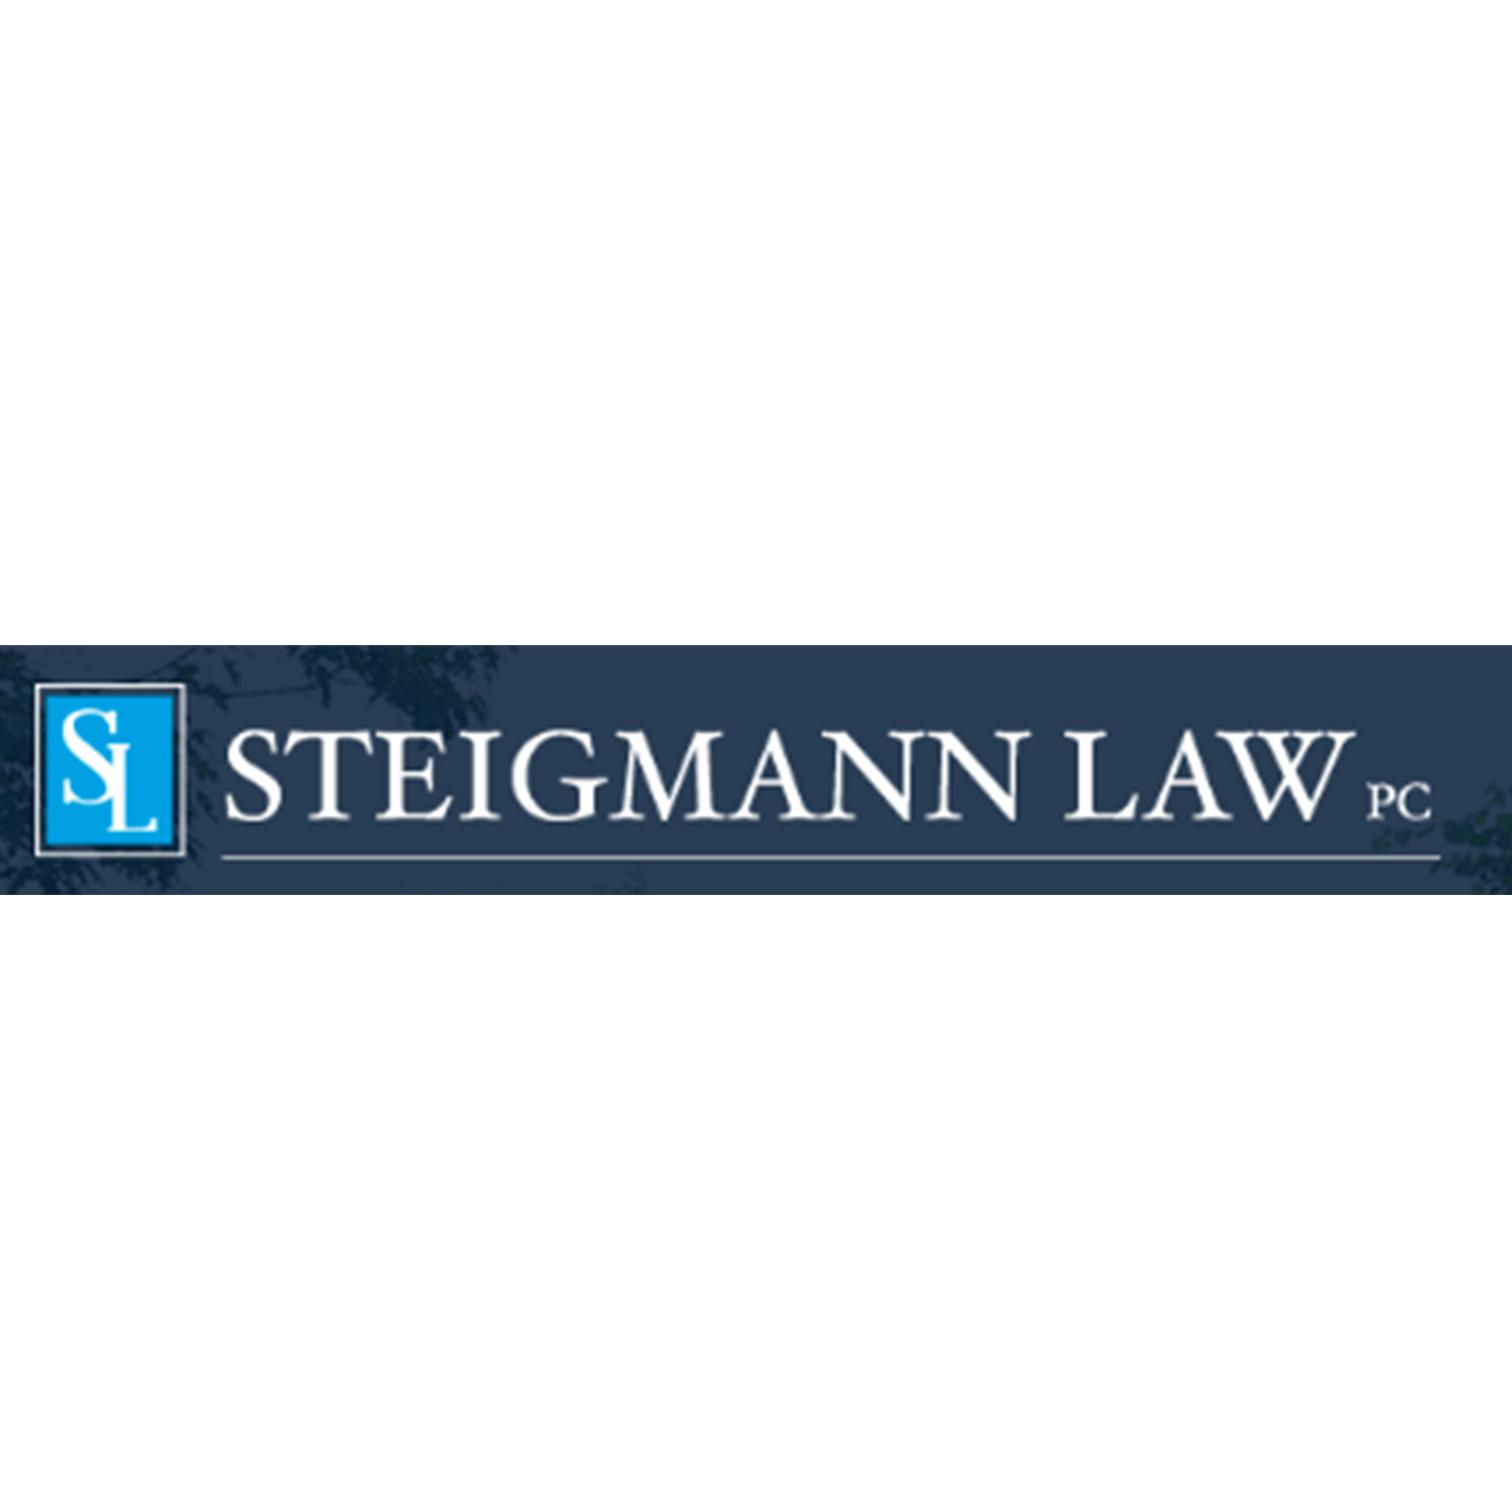 Steigmann Law, PC